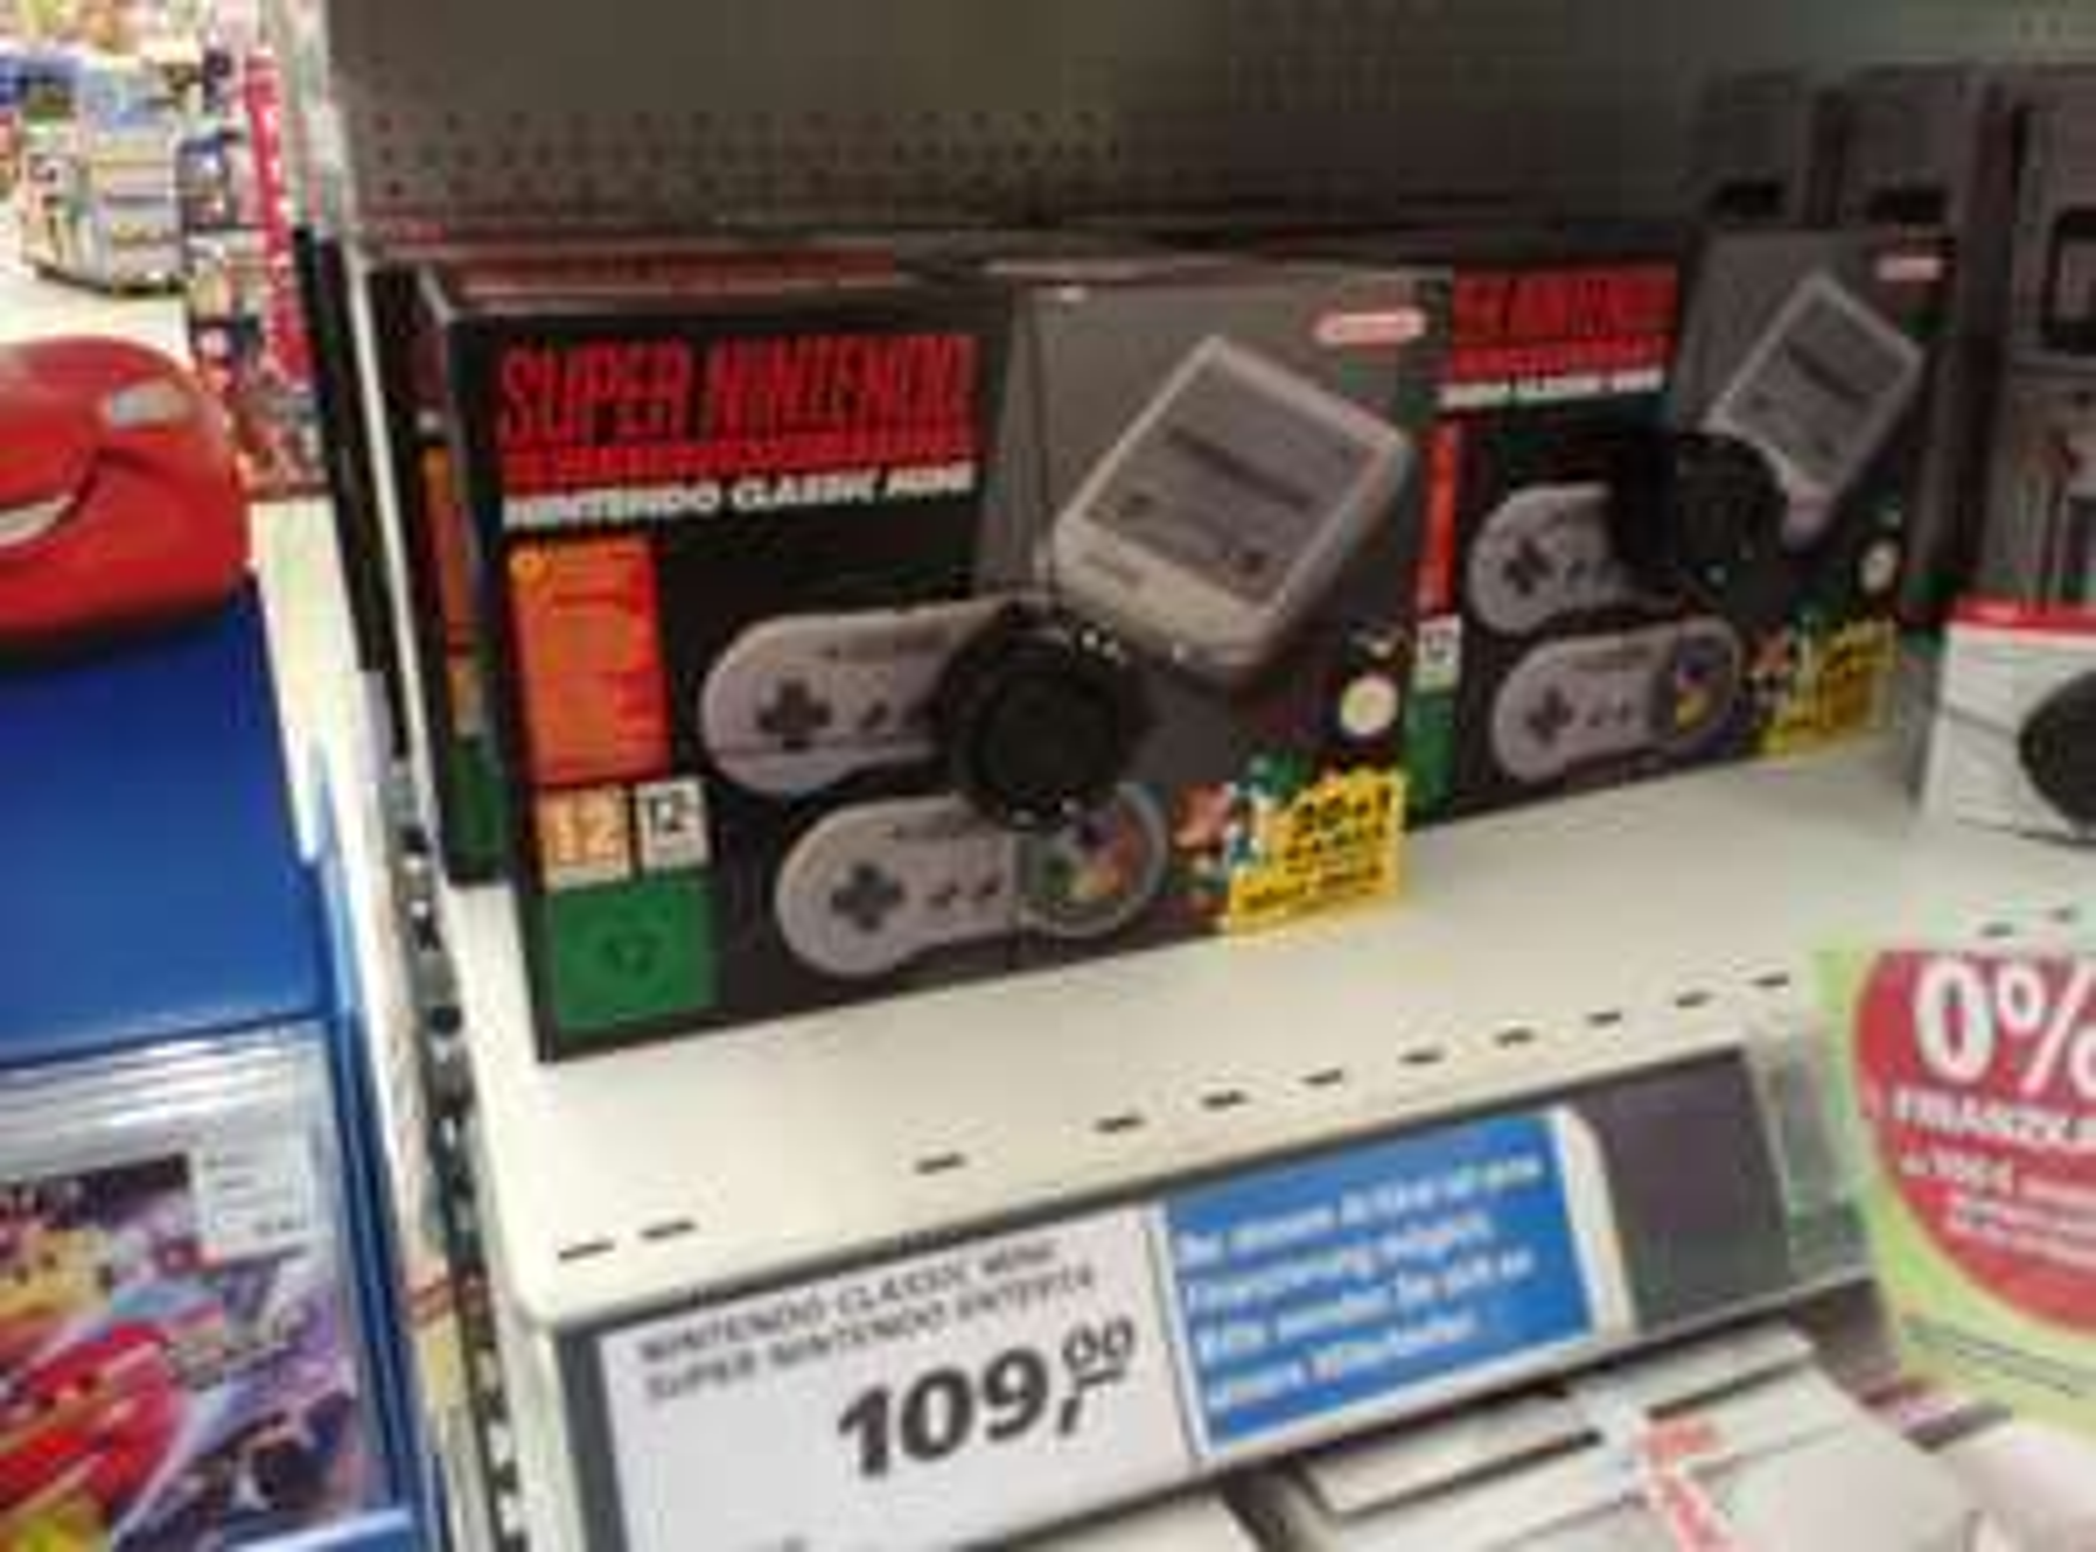 Super Nintendo Classic Mini SNES Mini [Horb a.N. , real]